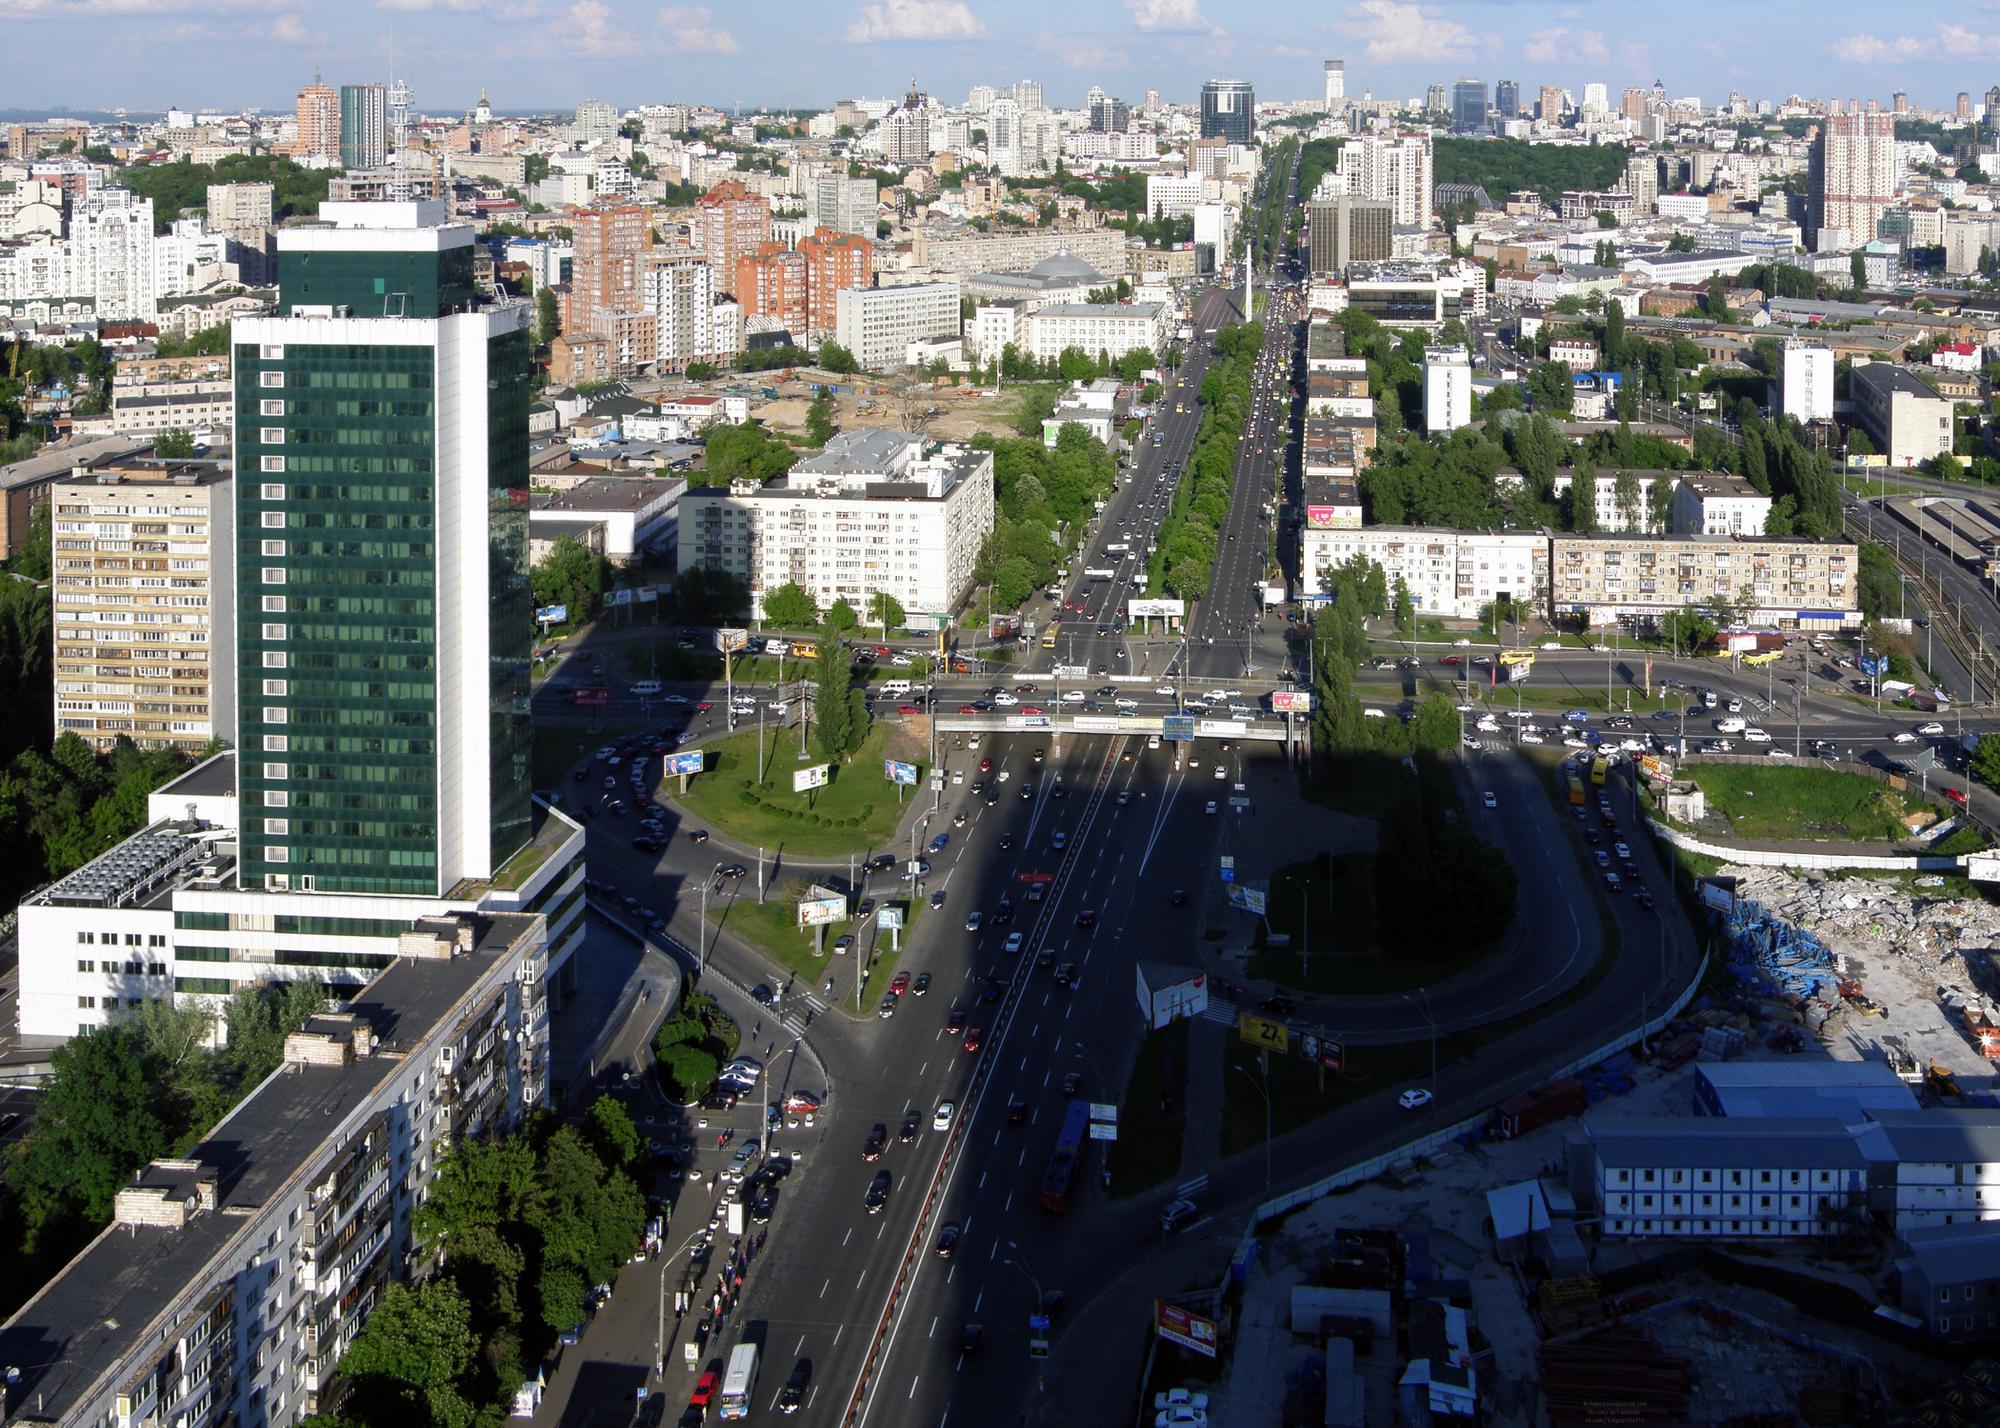 Сдам долгосрочно 2 к, г. Киев                               в р-не Шулявка возле м. <strong>Политехнический институт</strong>                                  фото